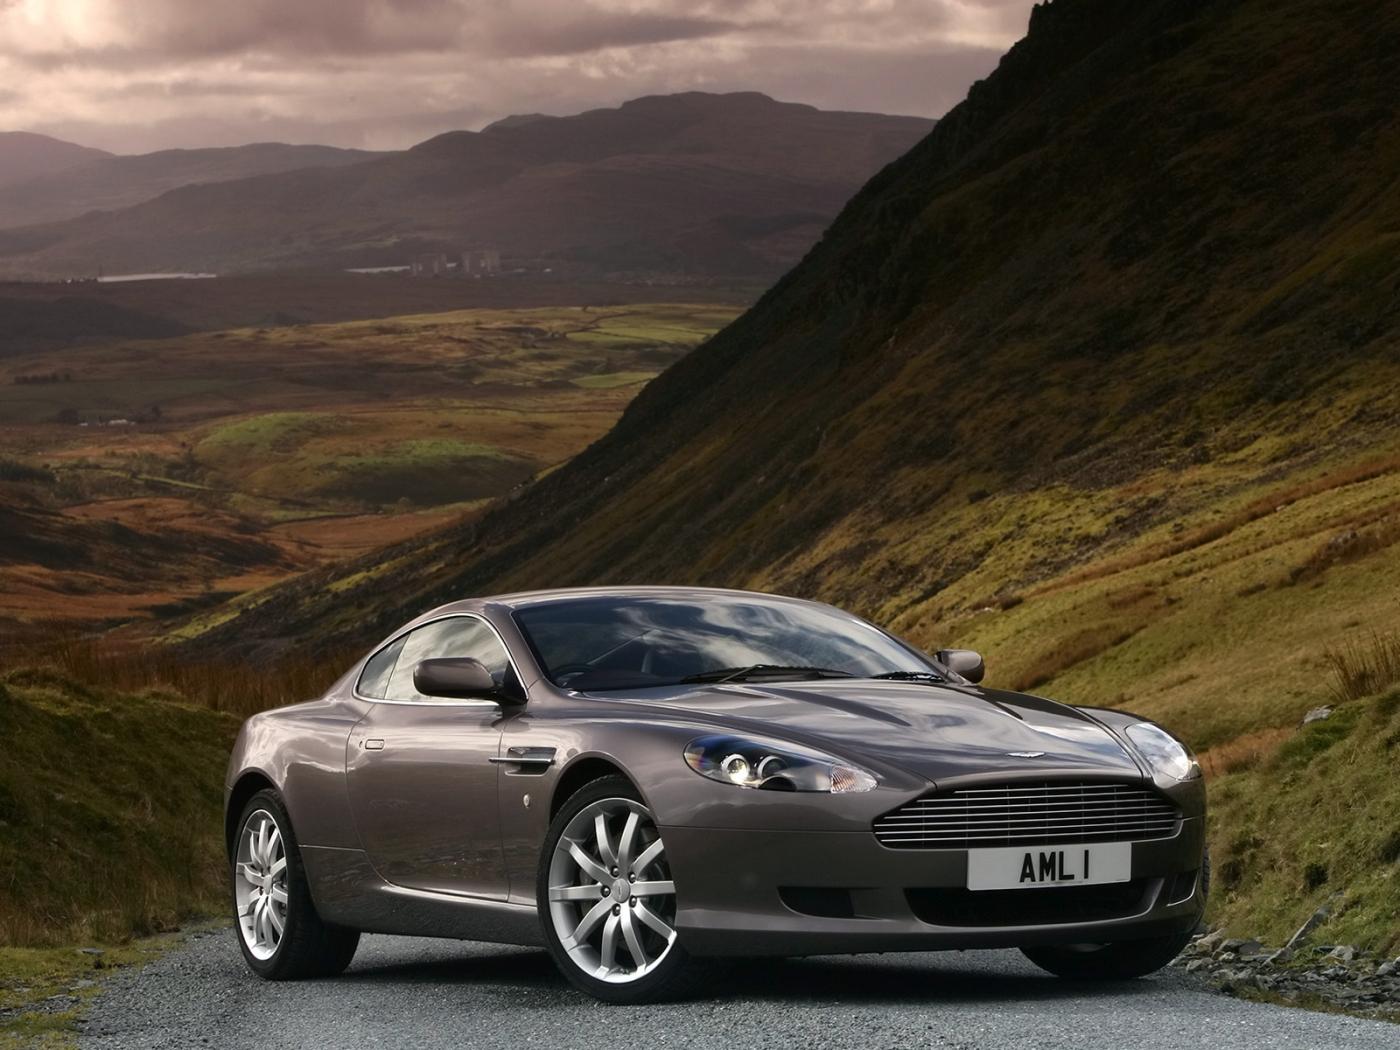 36746 скачать обои Транспорт, Машины, Астон Мартин (Aston Martin) - заставки и картинки бесплатно